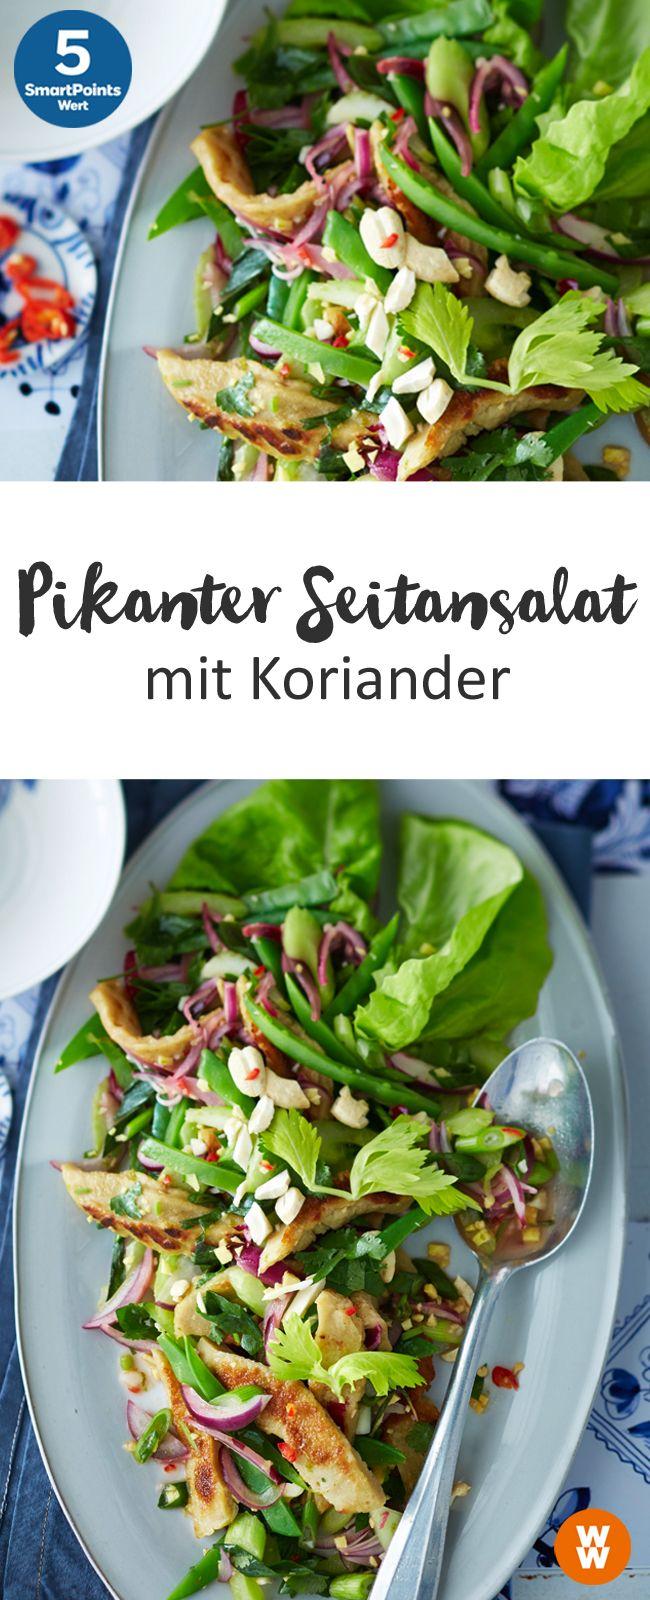 Pikanter Seitansalat mit Koriander | 5 SmartPoints/Portion, Weight Watchers, fertig in 20 min.